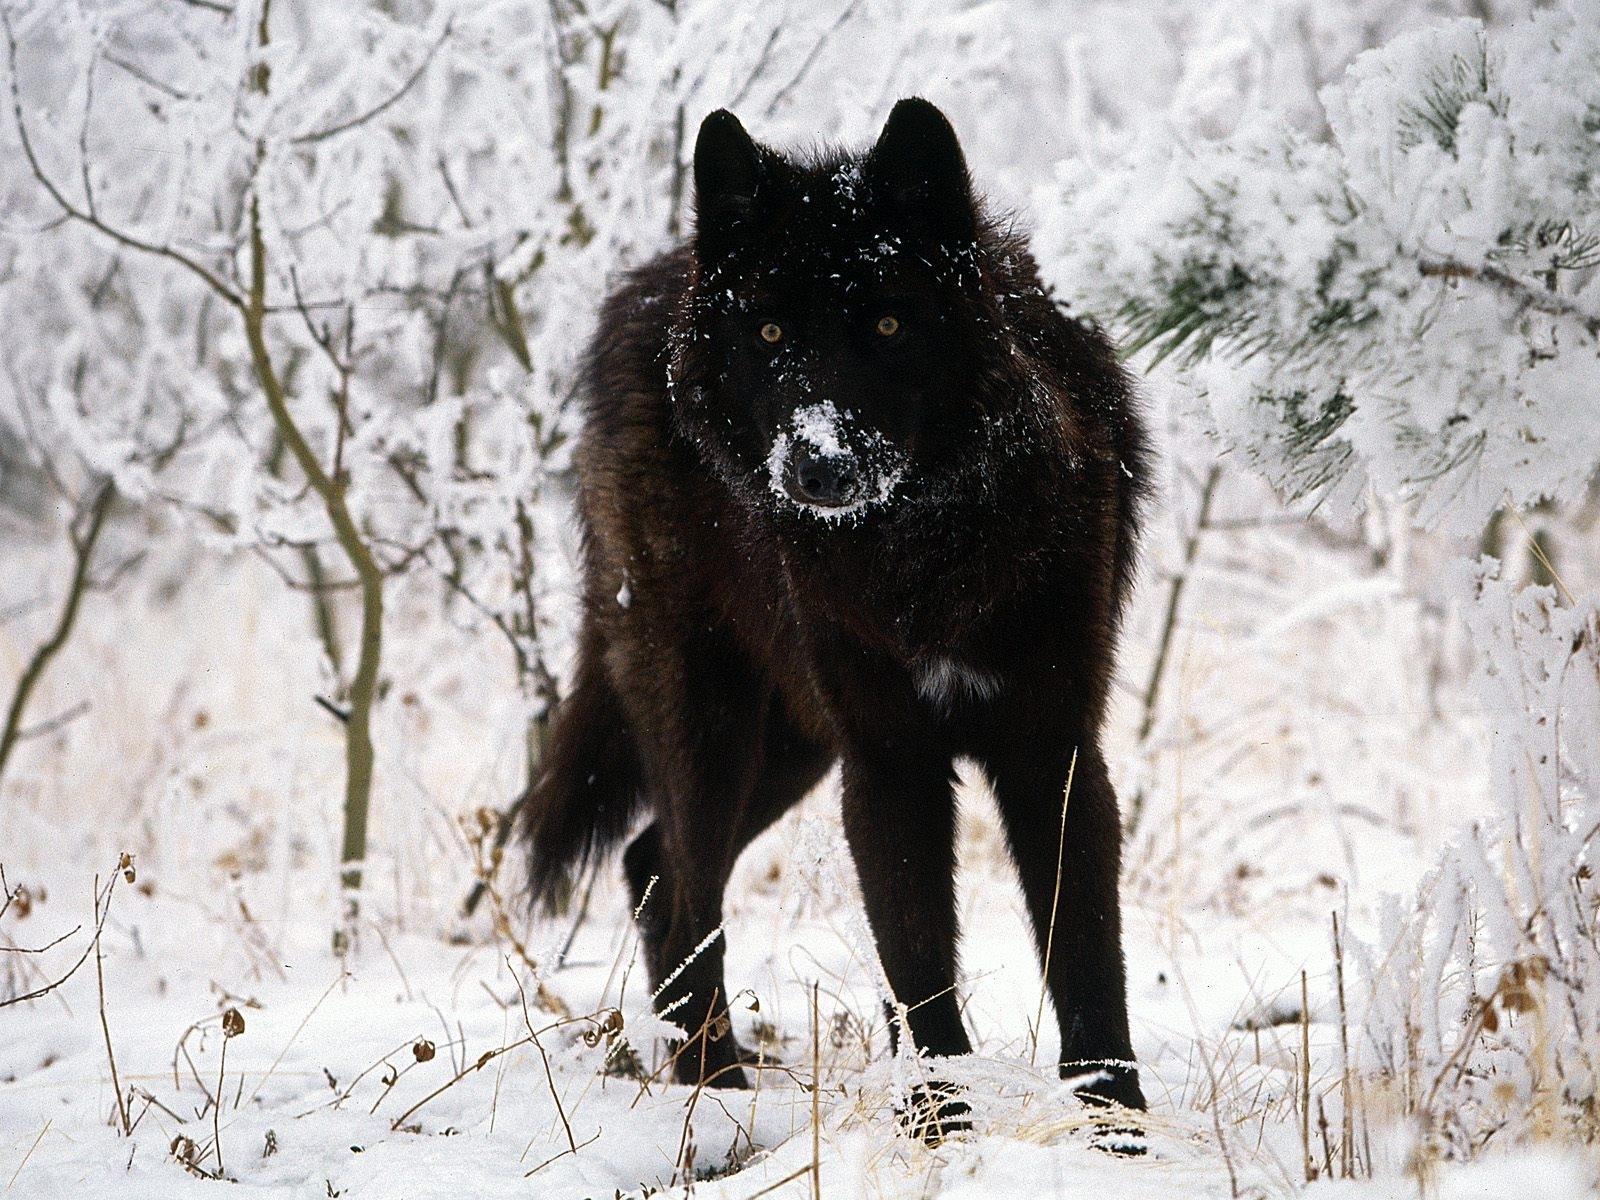 13207 скачать обои Животные, Волки, Зима, Снег - заставки и картинки бесплатно